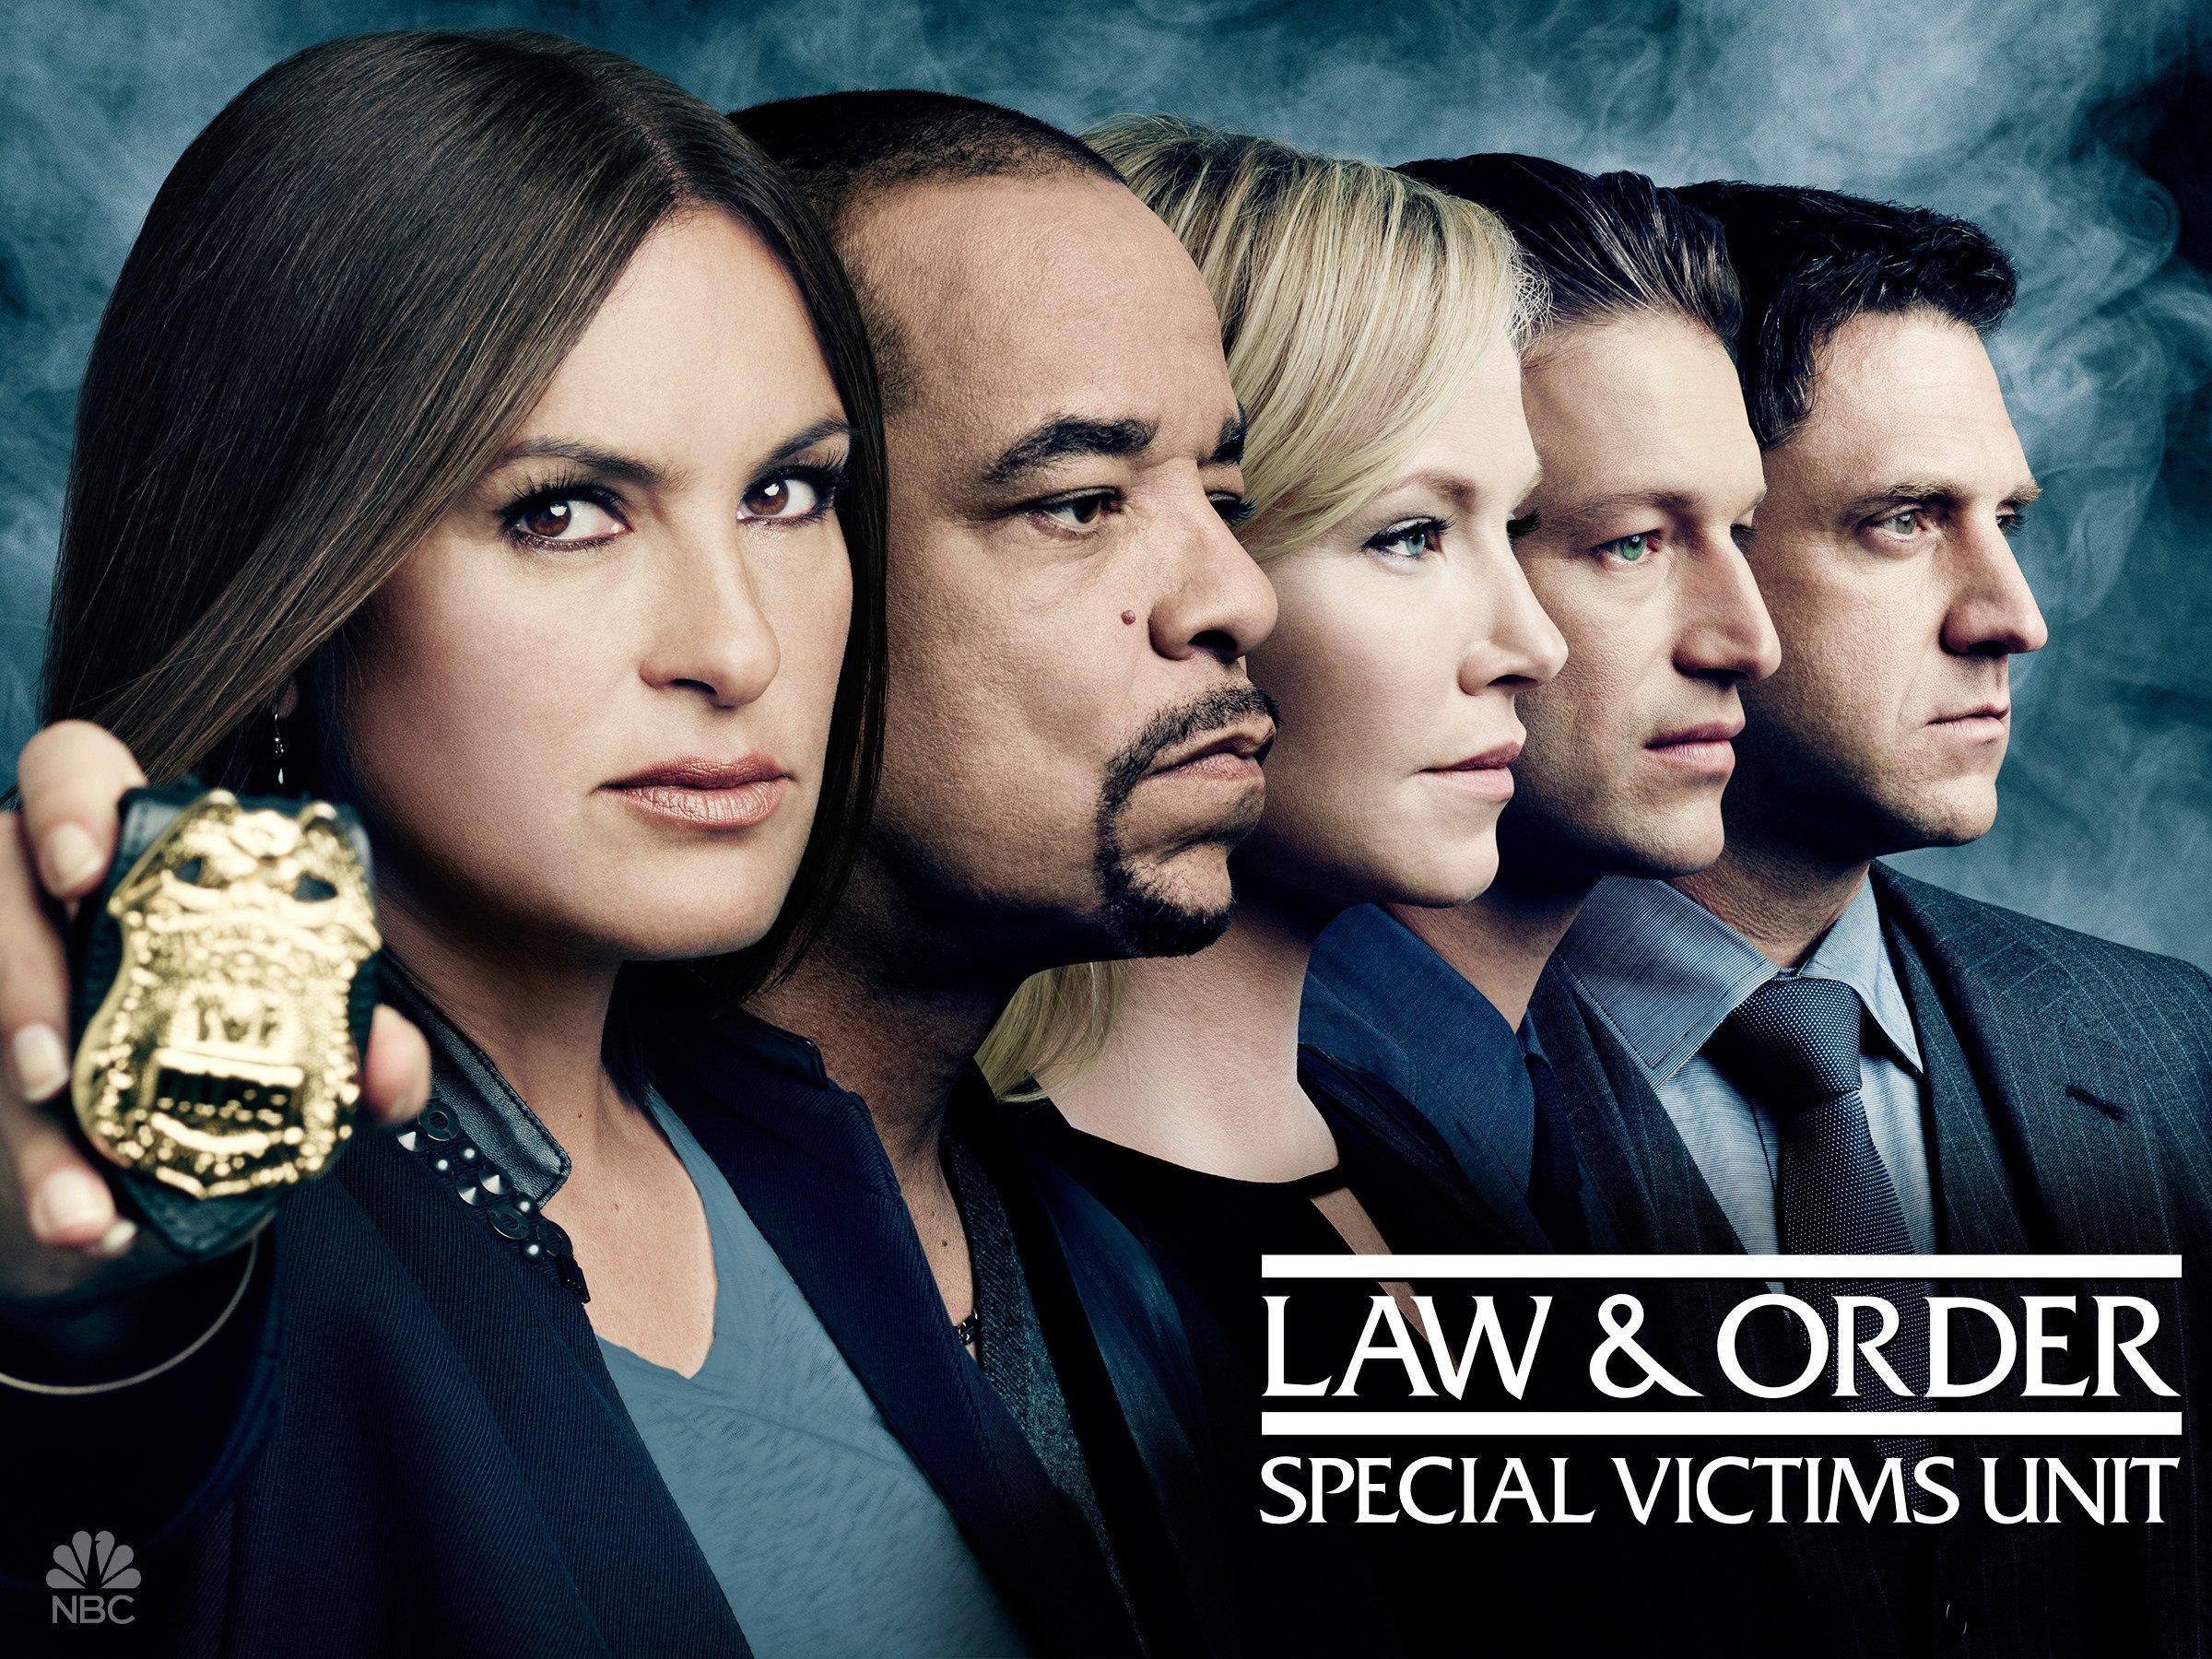 Law & Order: Special Victims Unit Staffel 17 [OV] online schauen und ...